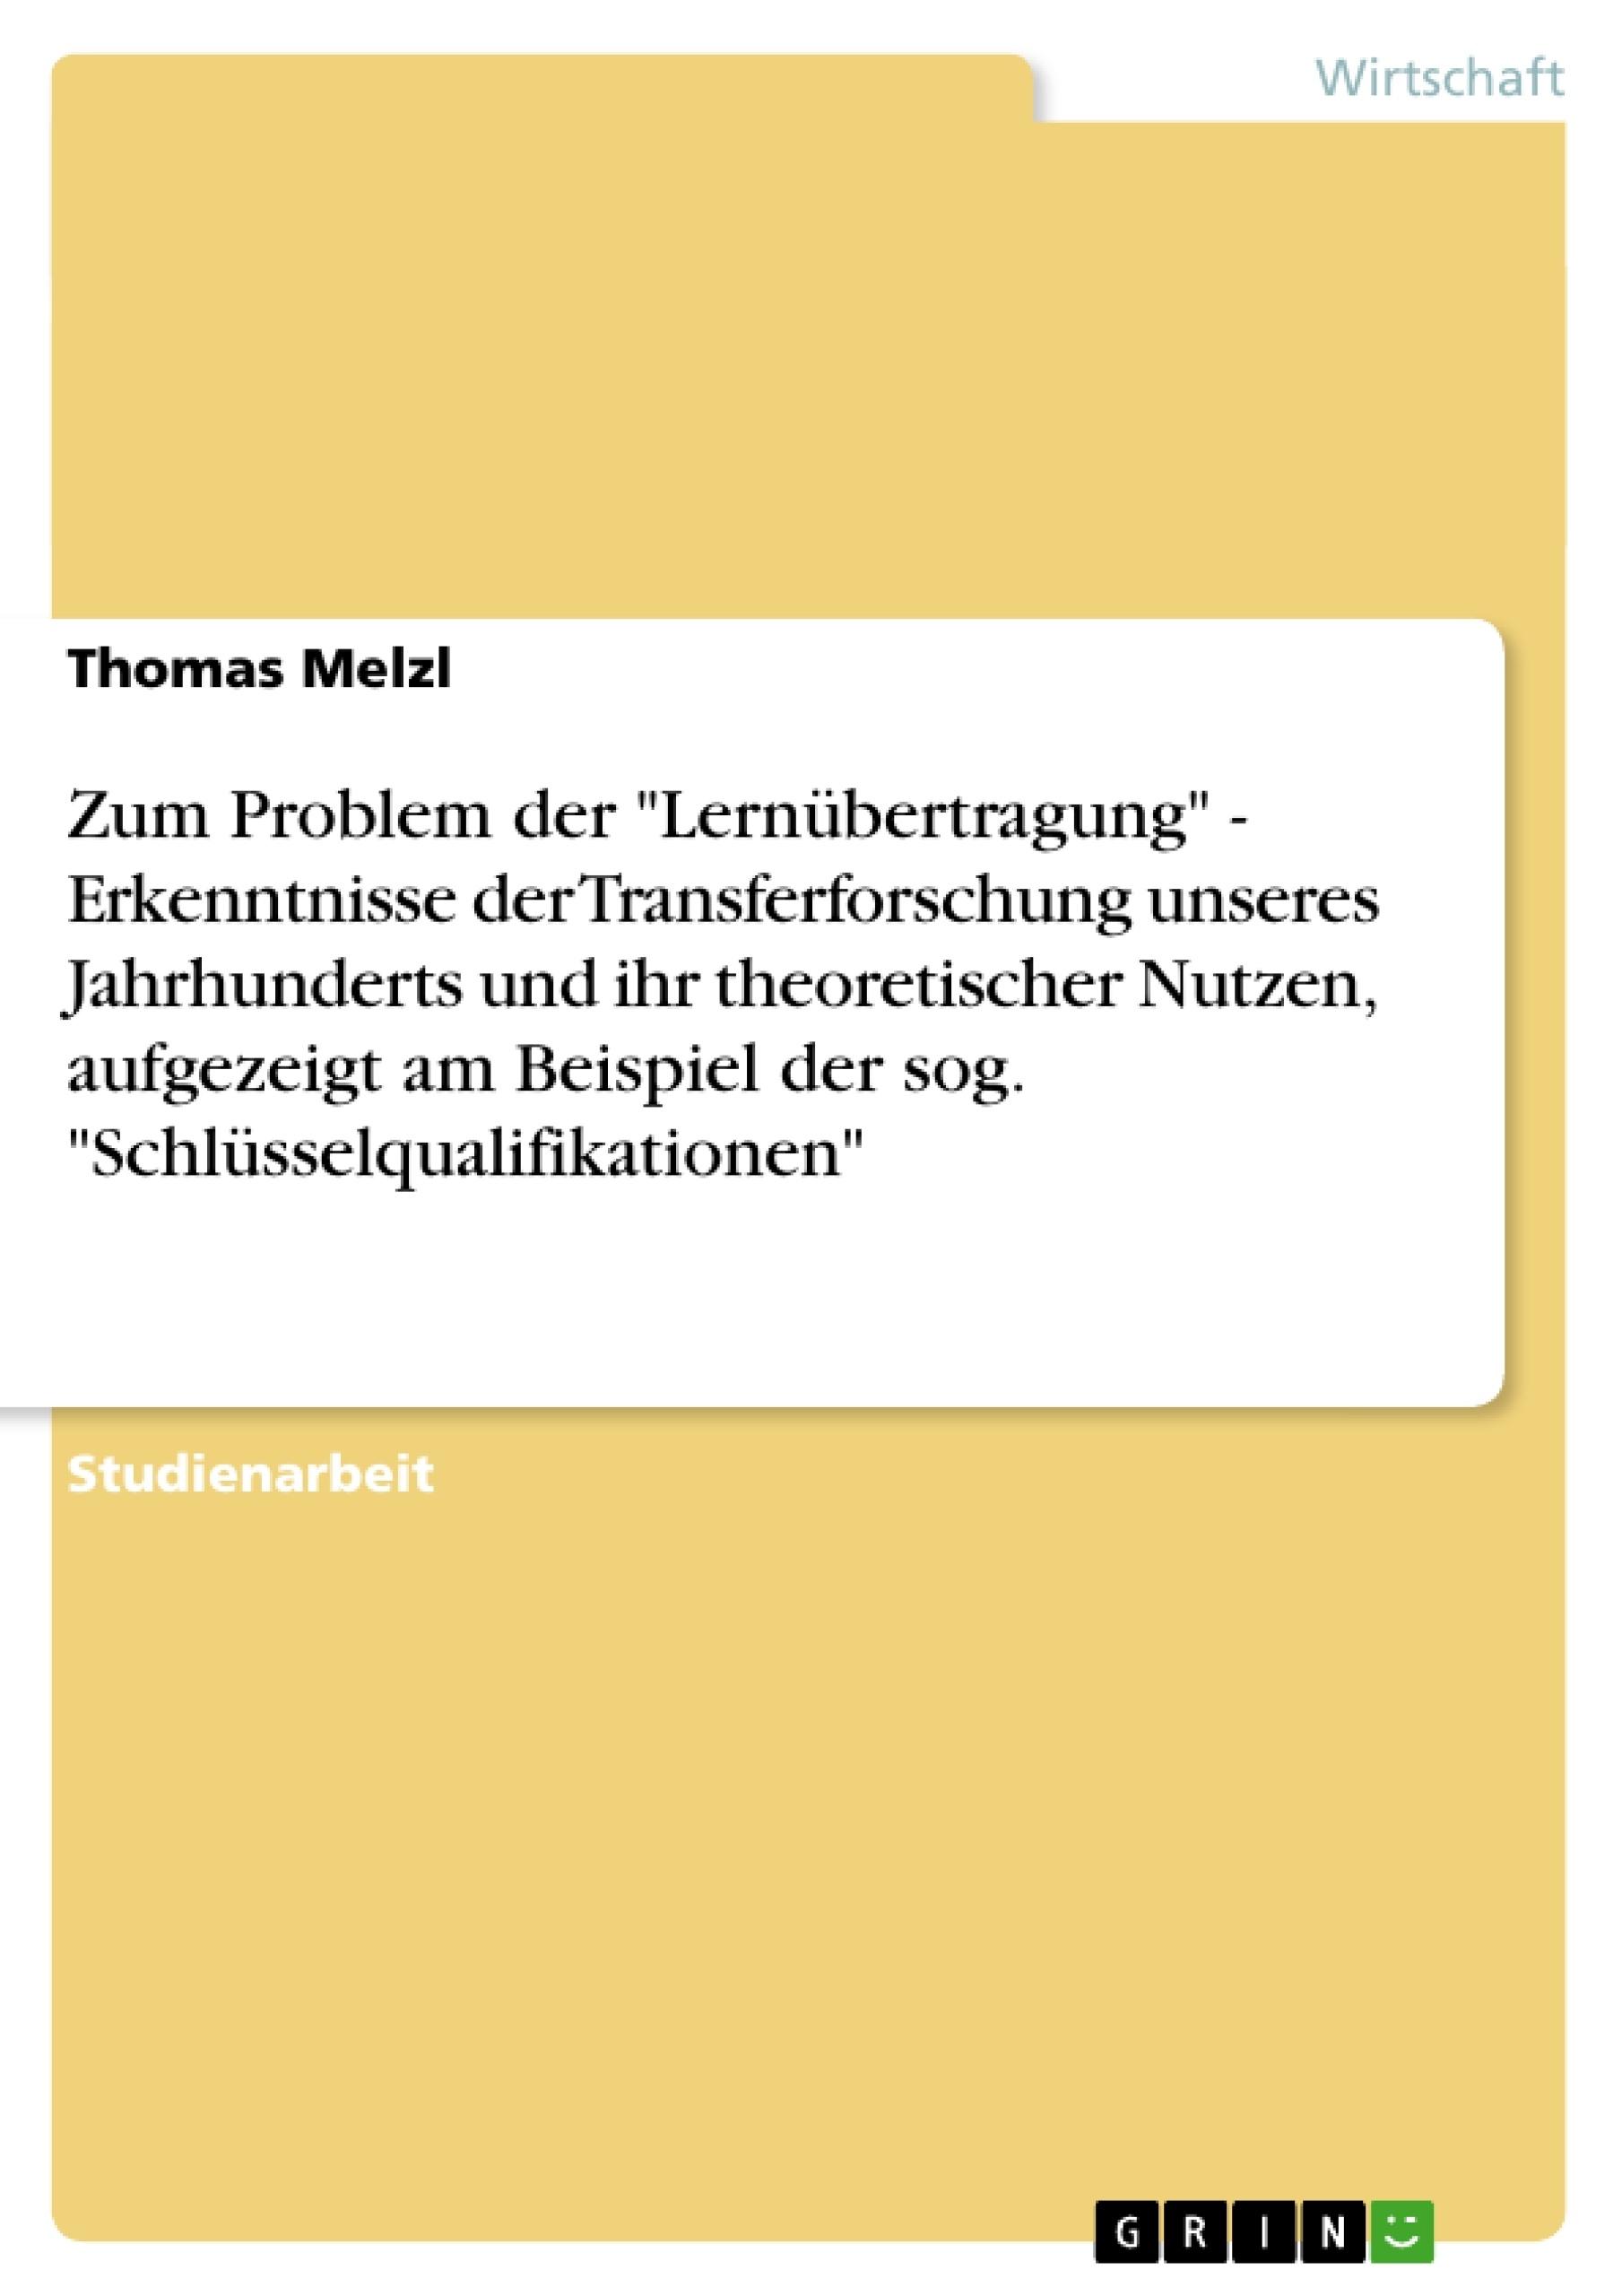 """Titel: Zum Problem der """"Lernübertragung""""  -  Erkenntnisse der Transferforschung unseres Jahrhunderts und ihr theoretischer Nutzen, aufgezeigt am Beispiel der sog. """"Schlüsselqualifikationen"""""""